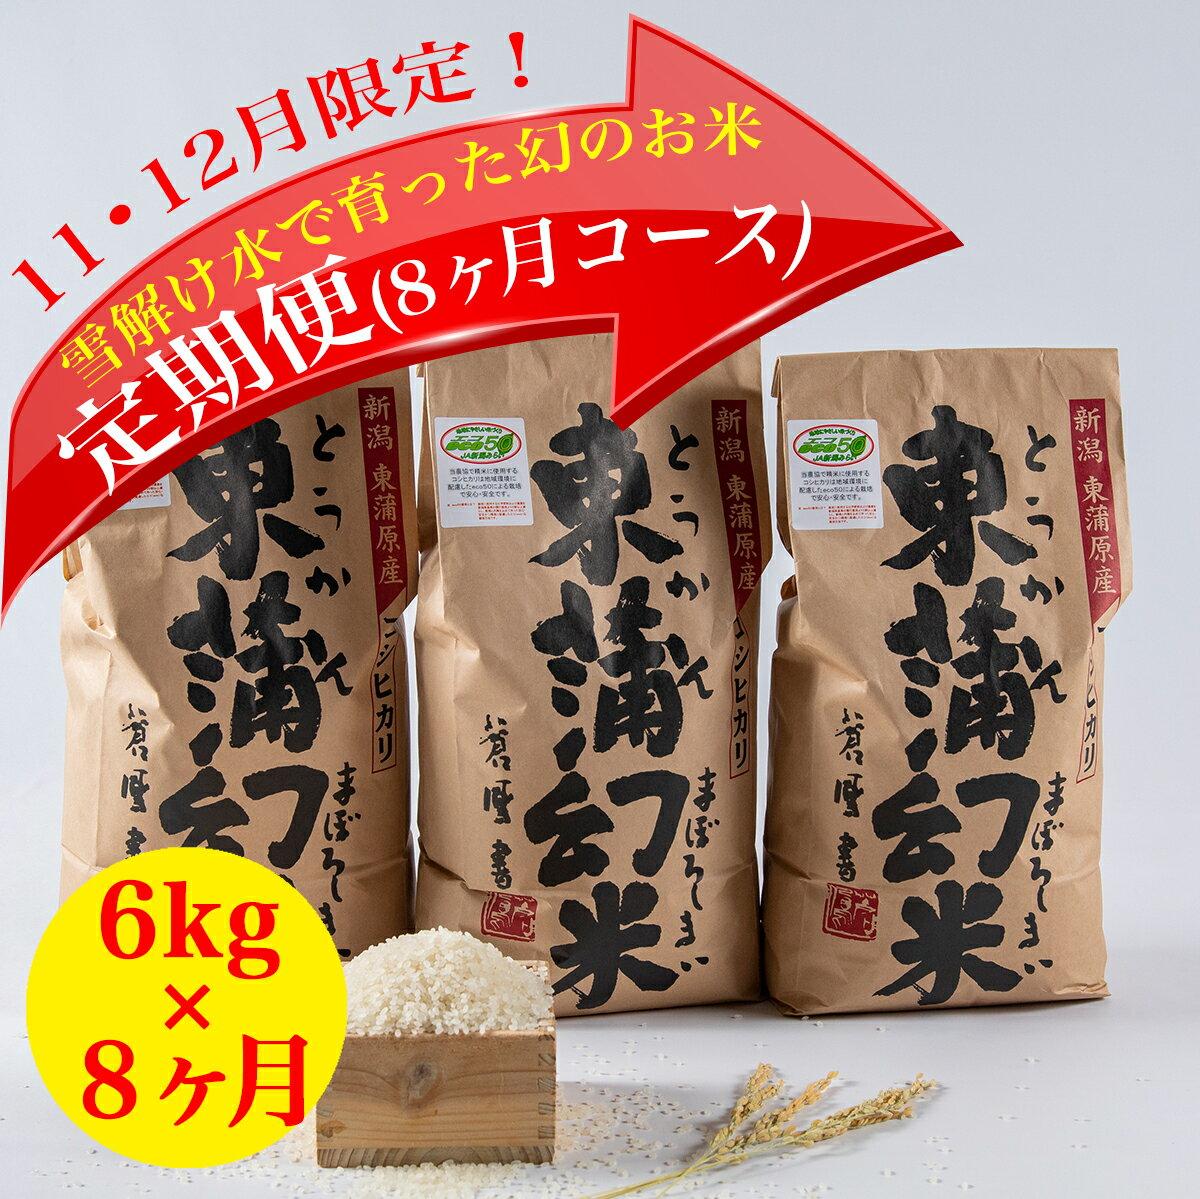 【ふるさと納税】特別栽培コシヒカリ「東蒲幻米」6kg(ご贈答向け) 定期便8回 【11月12月申込限定品・美味しいお米を毎月お届け】